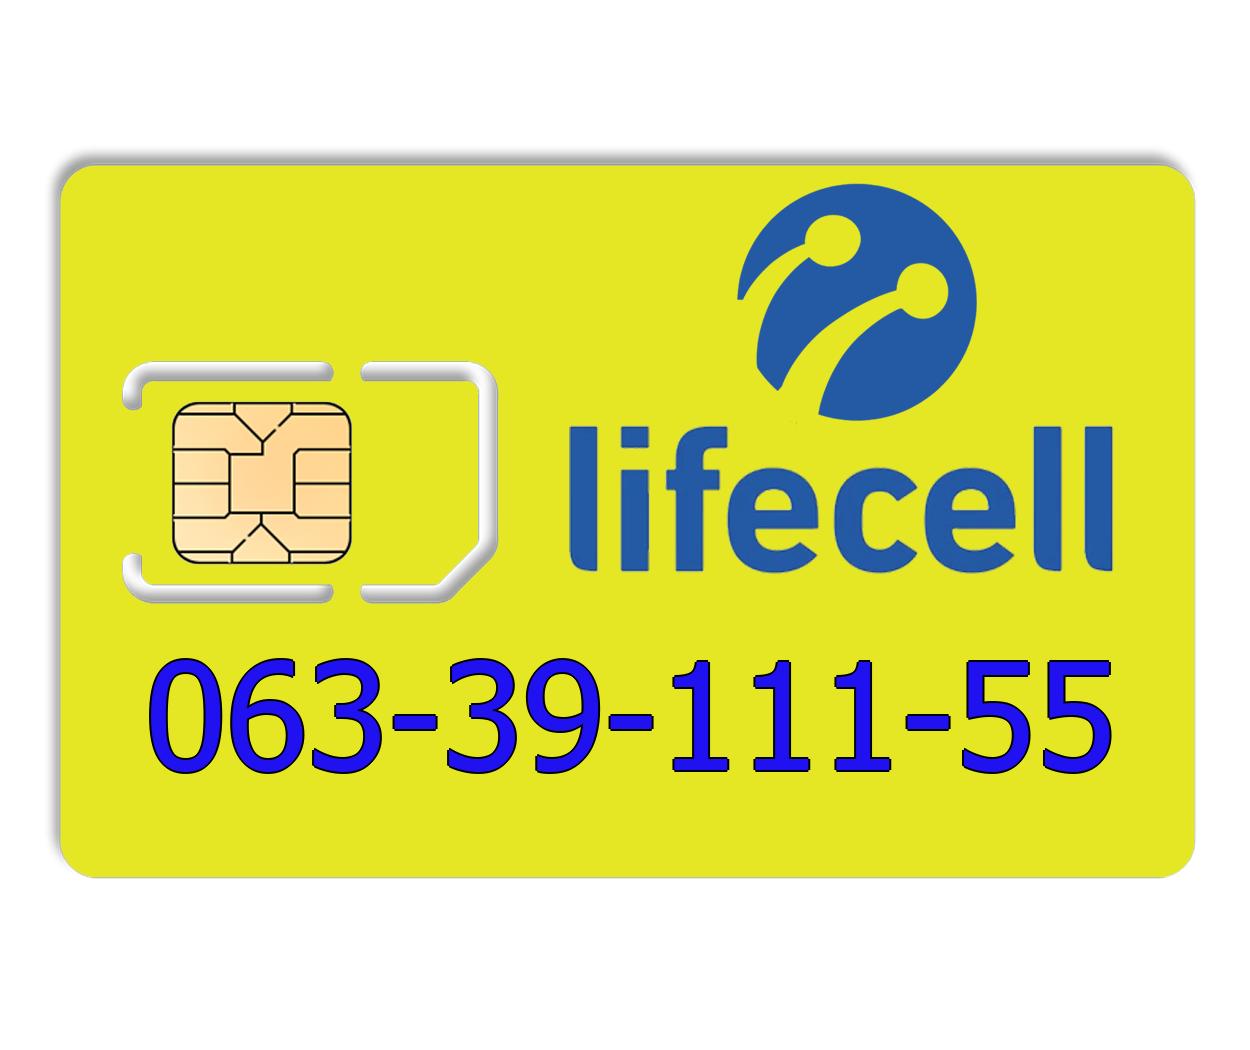 Красивый номер lifecell 063-39-111-55